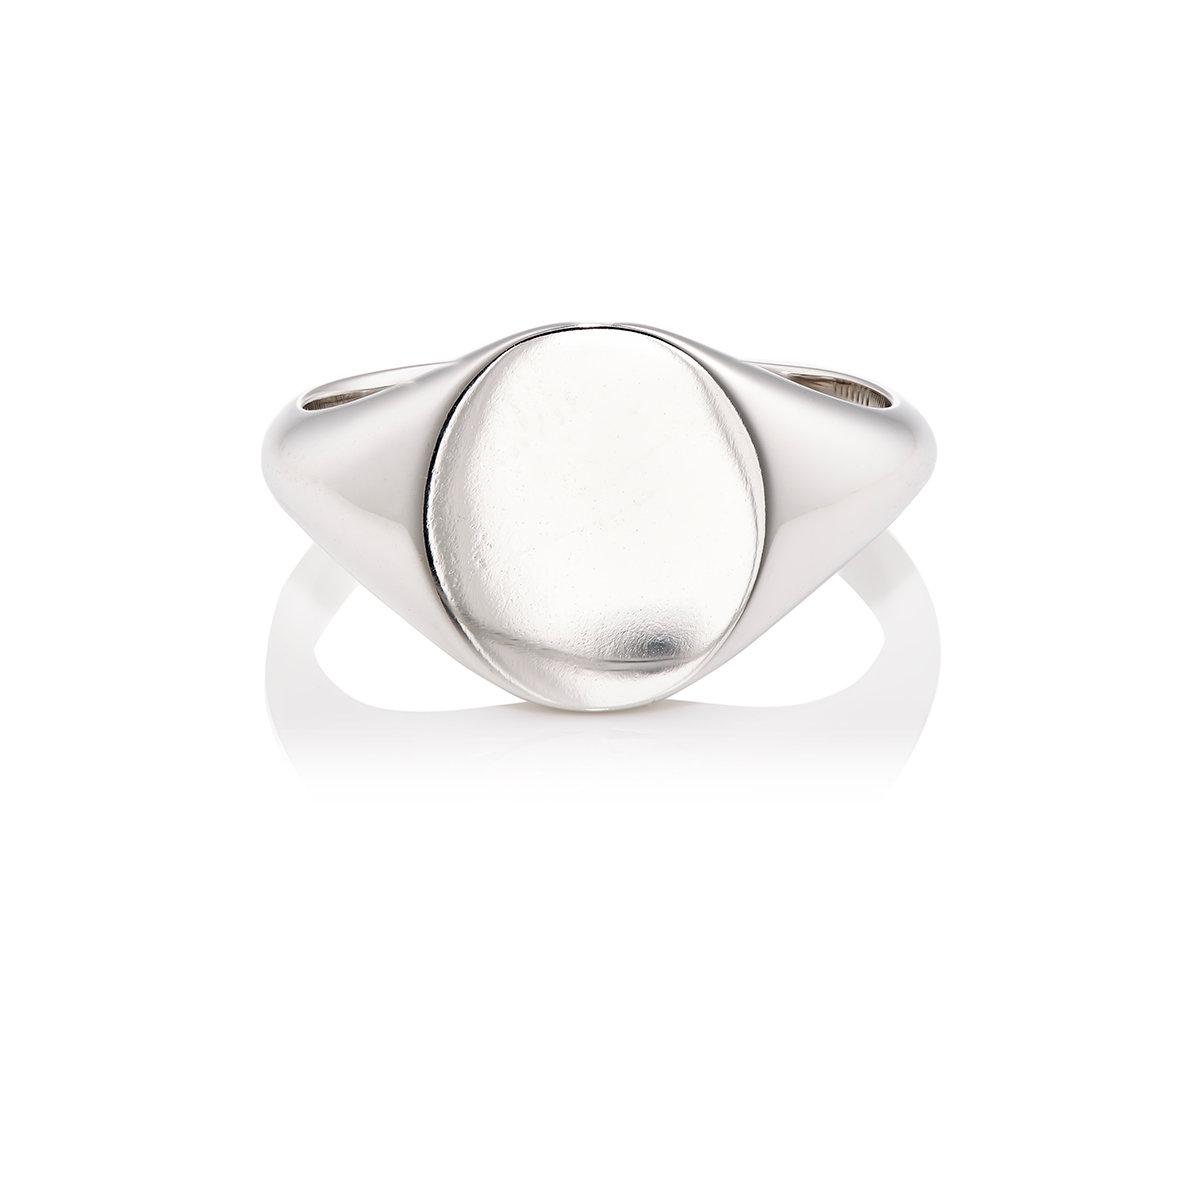 Barneys New York Mens White Gold Signet Ring QIi4cf78z2